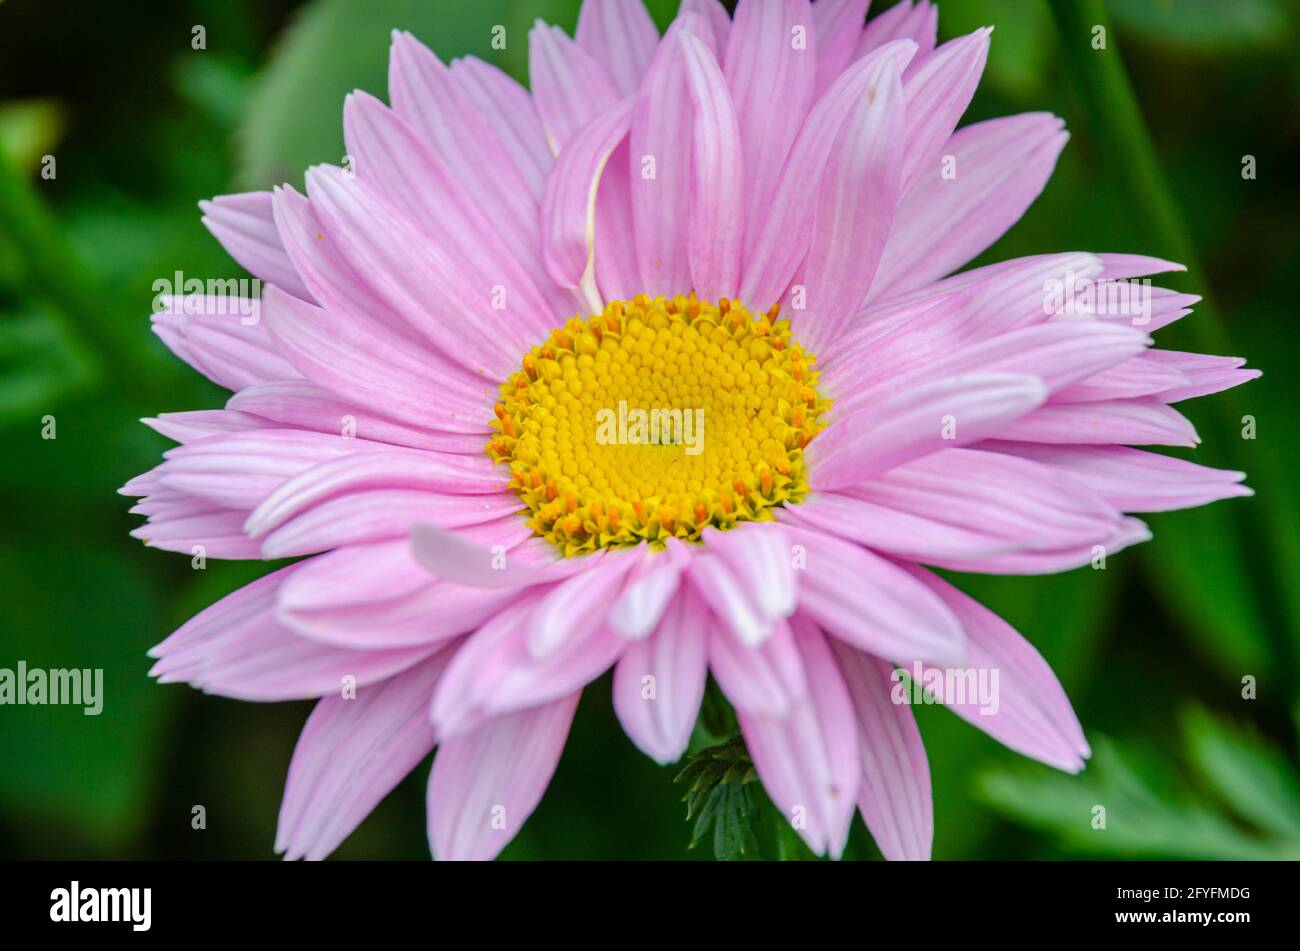 close-up-view-of-a-pink-gerbera-flower-in-a-garden-2FYFMDG.jpg